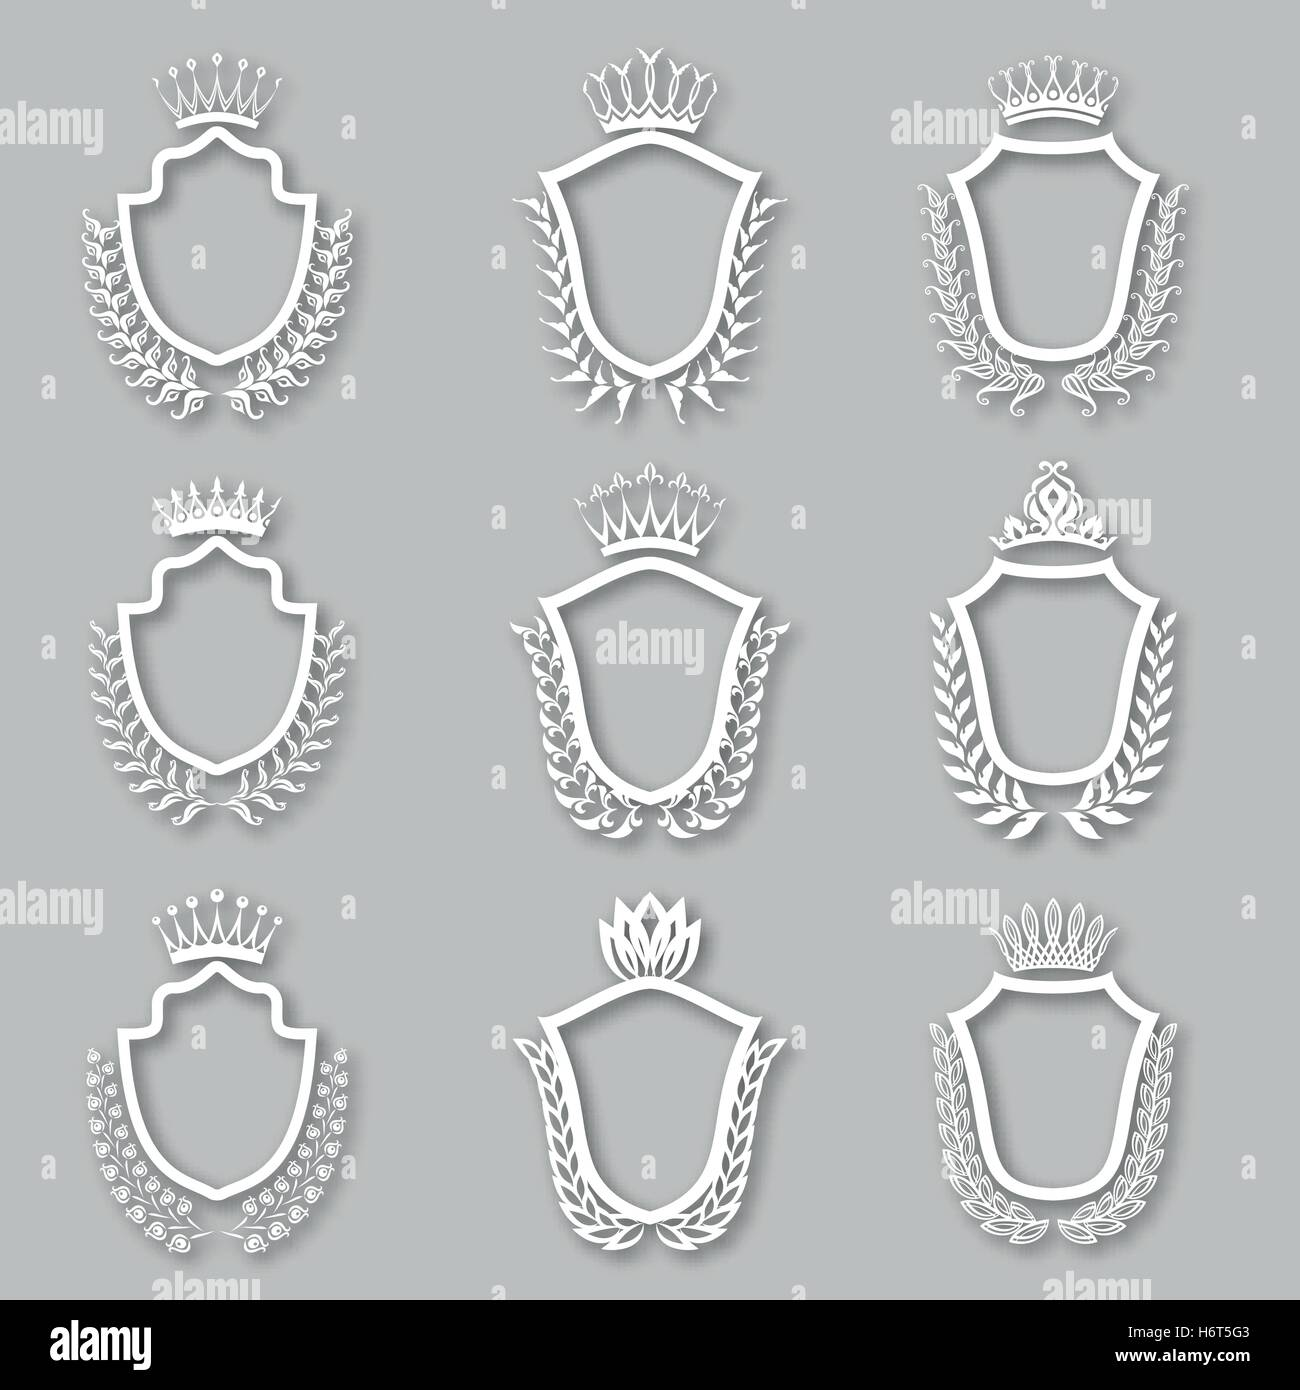 Set of vector laurel wreaths, shields - Stock Image